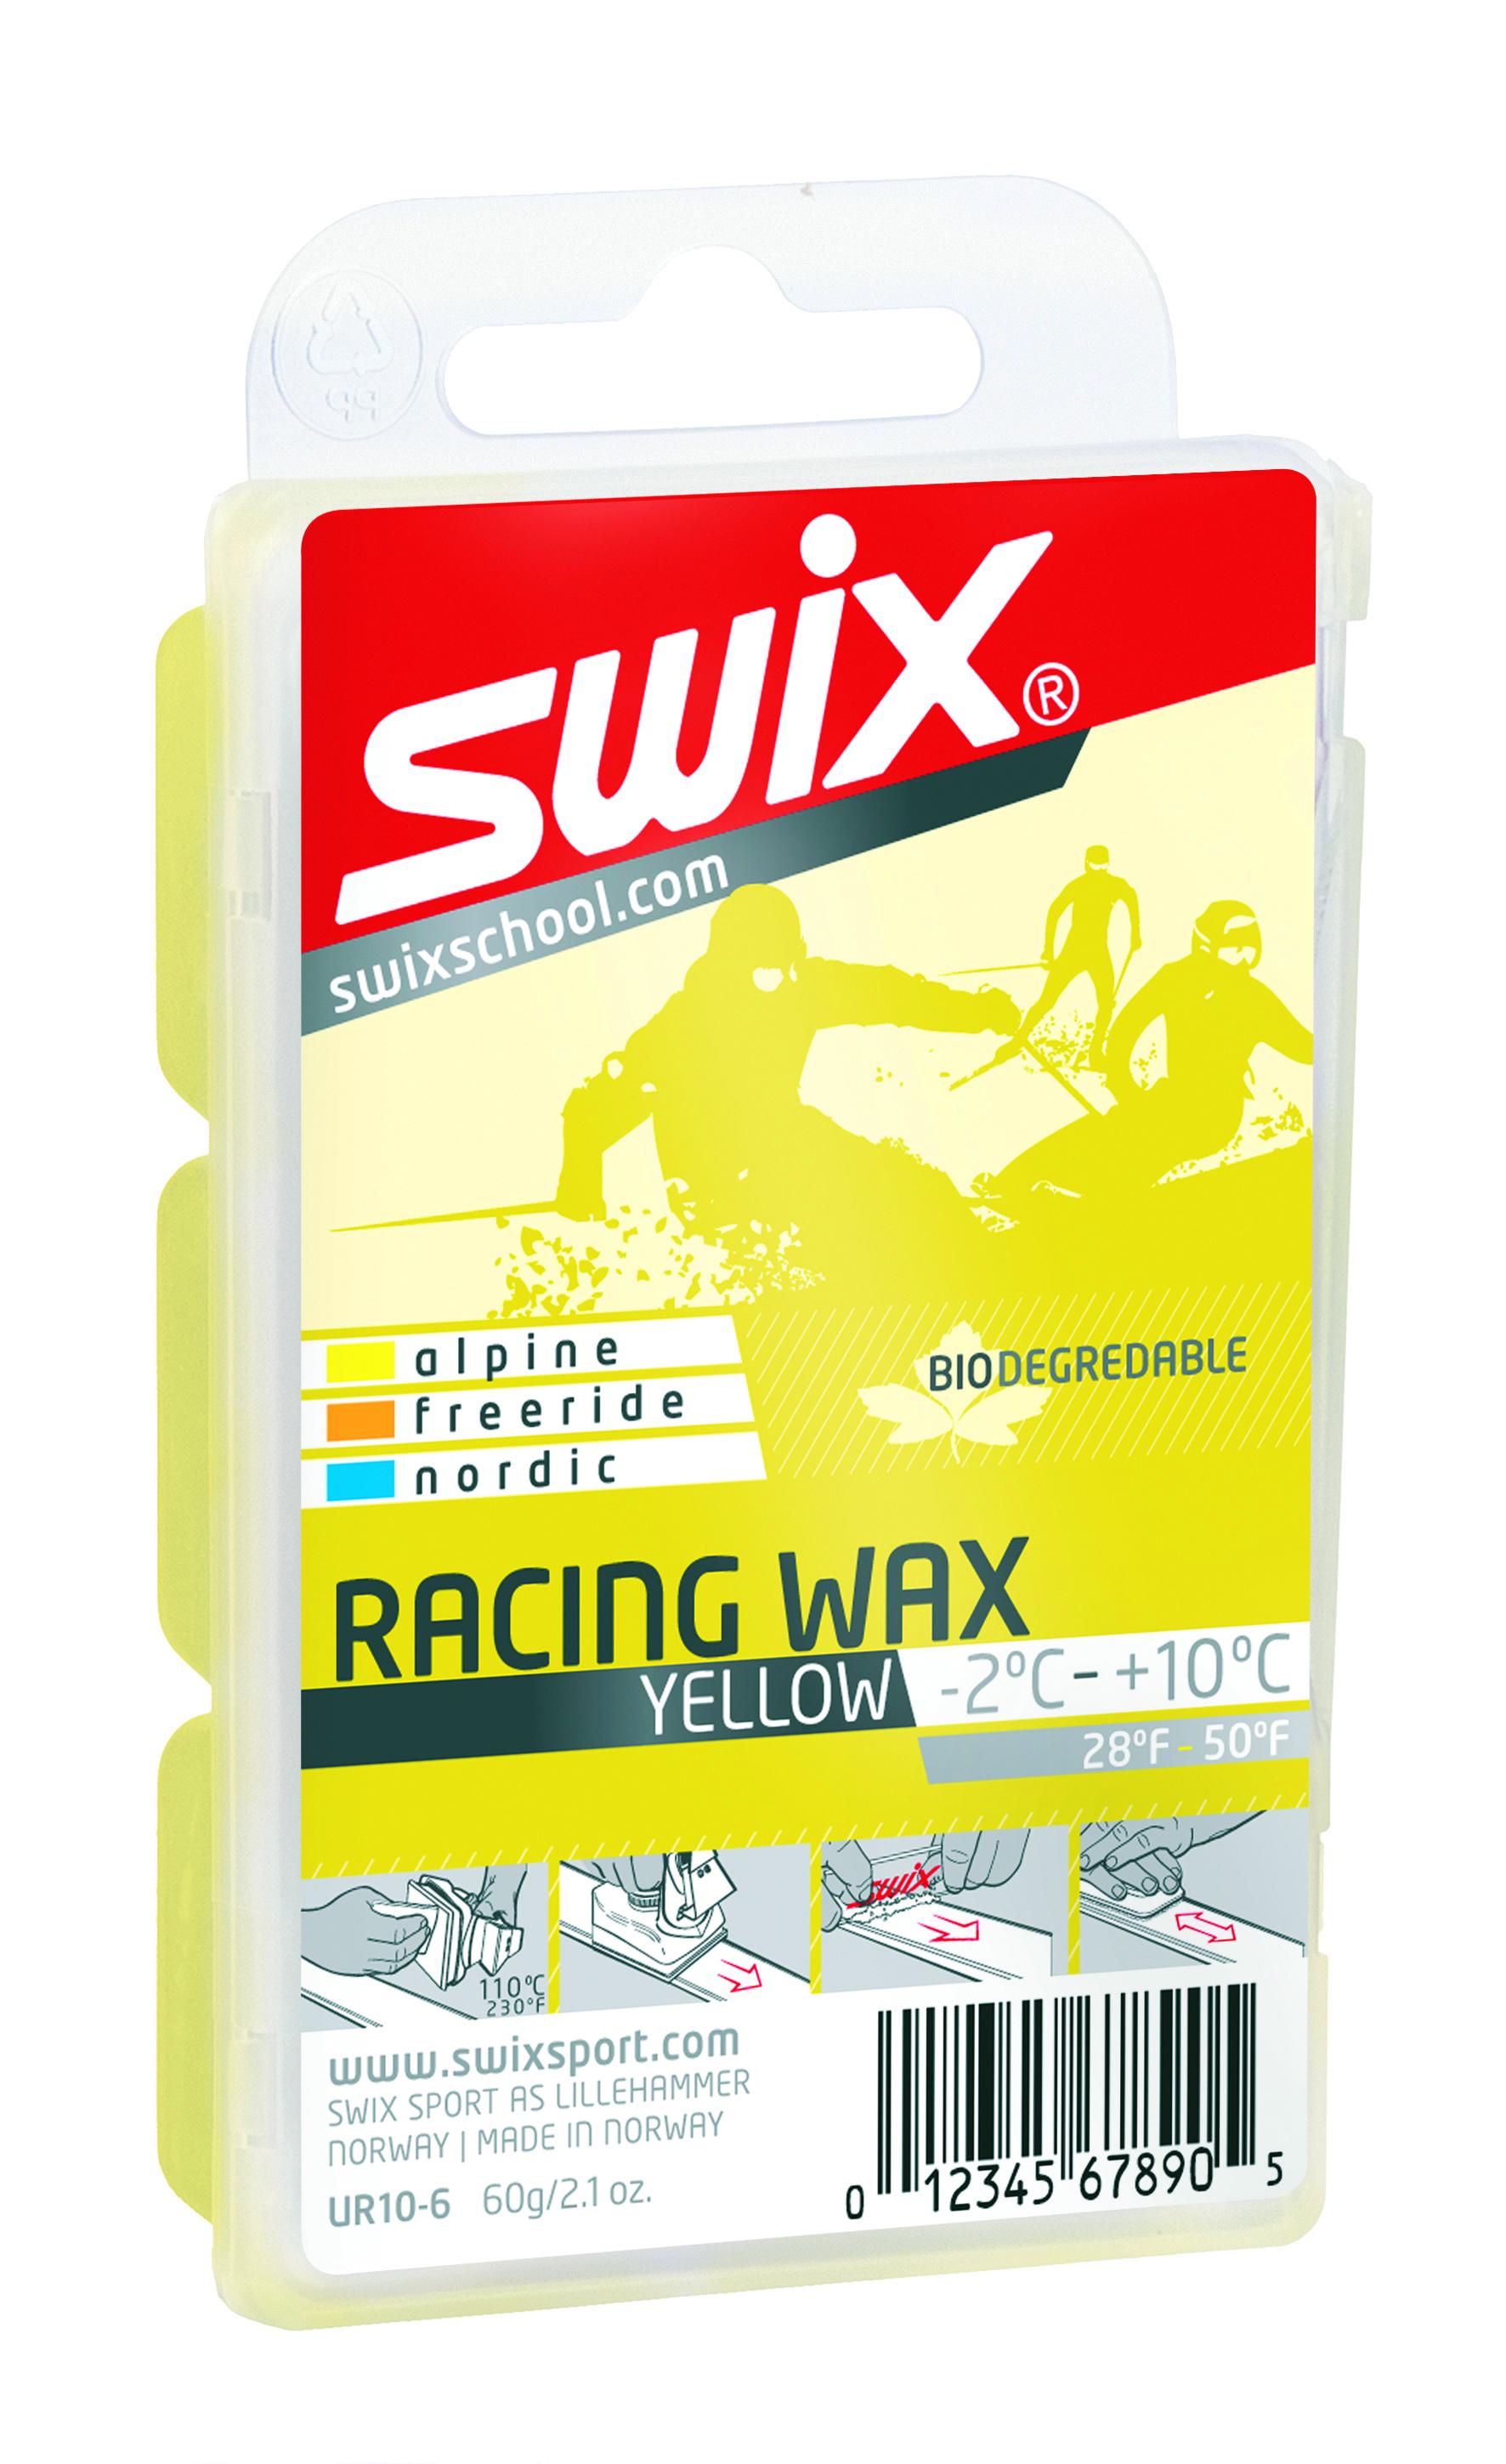 Swix Мазь скольжения Swix Bio Racing, -2C/+10C swix аэрозольный клистер swix 5c 10c